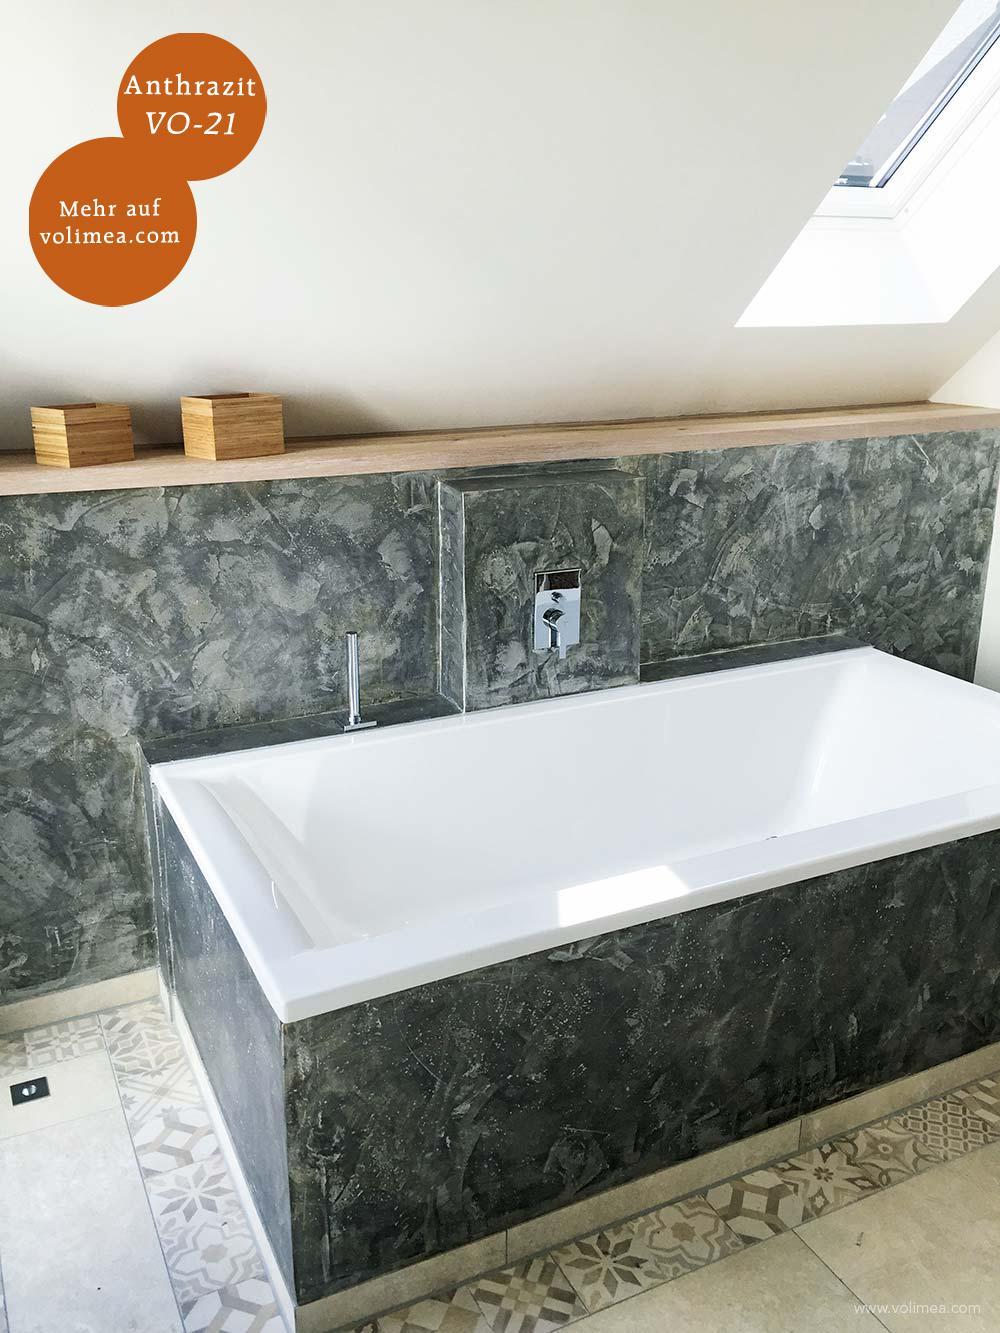 Volimea Wandbeschichtung im Badezimmer in Anthrazit VO-21 mit Silberlasur